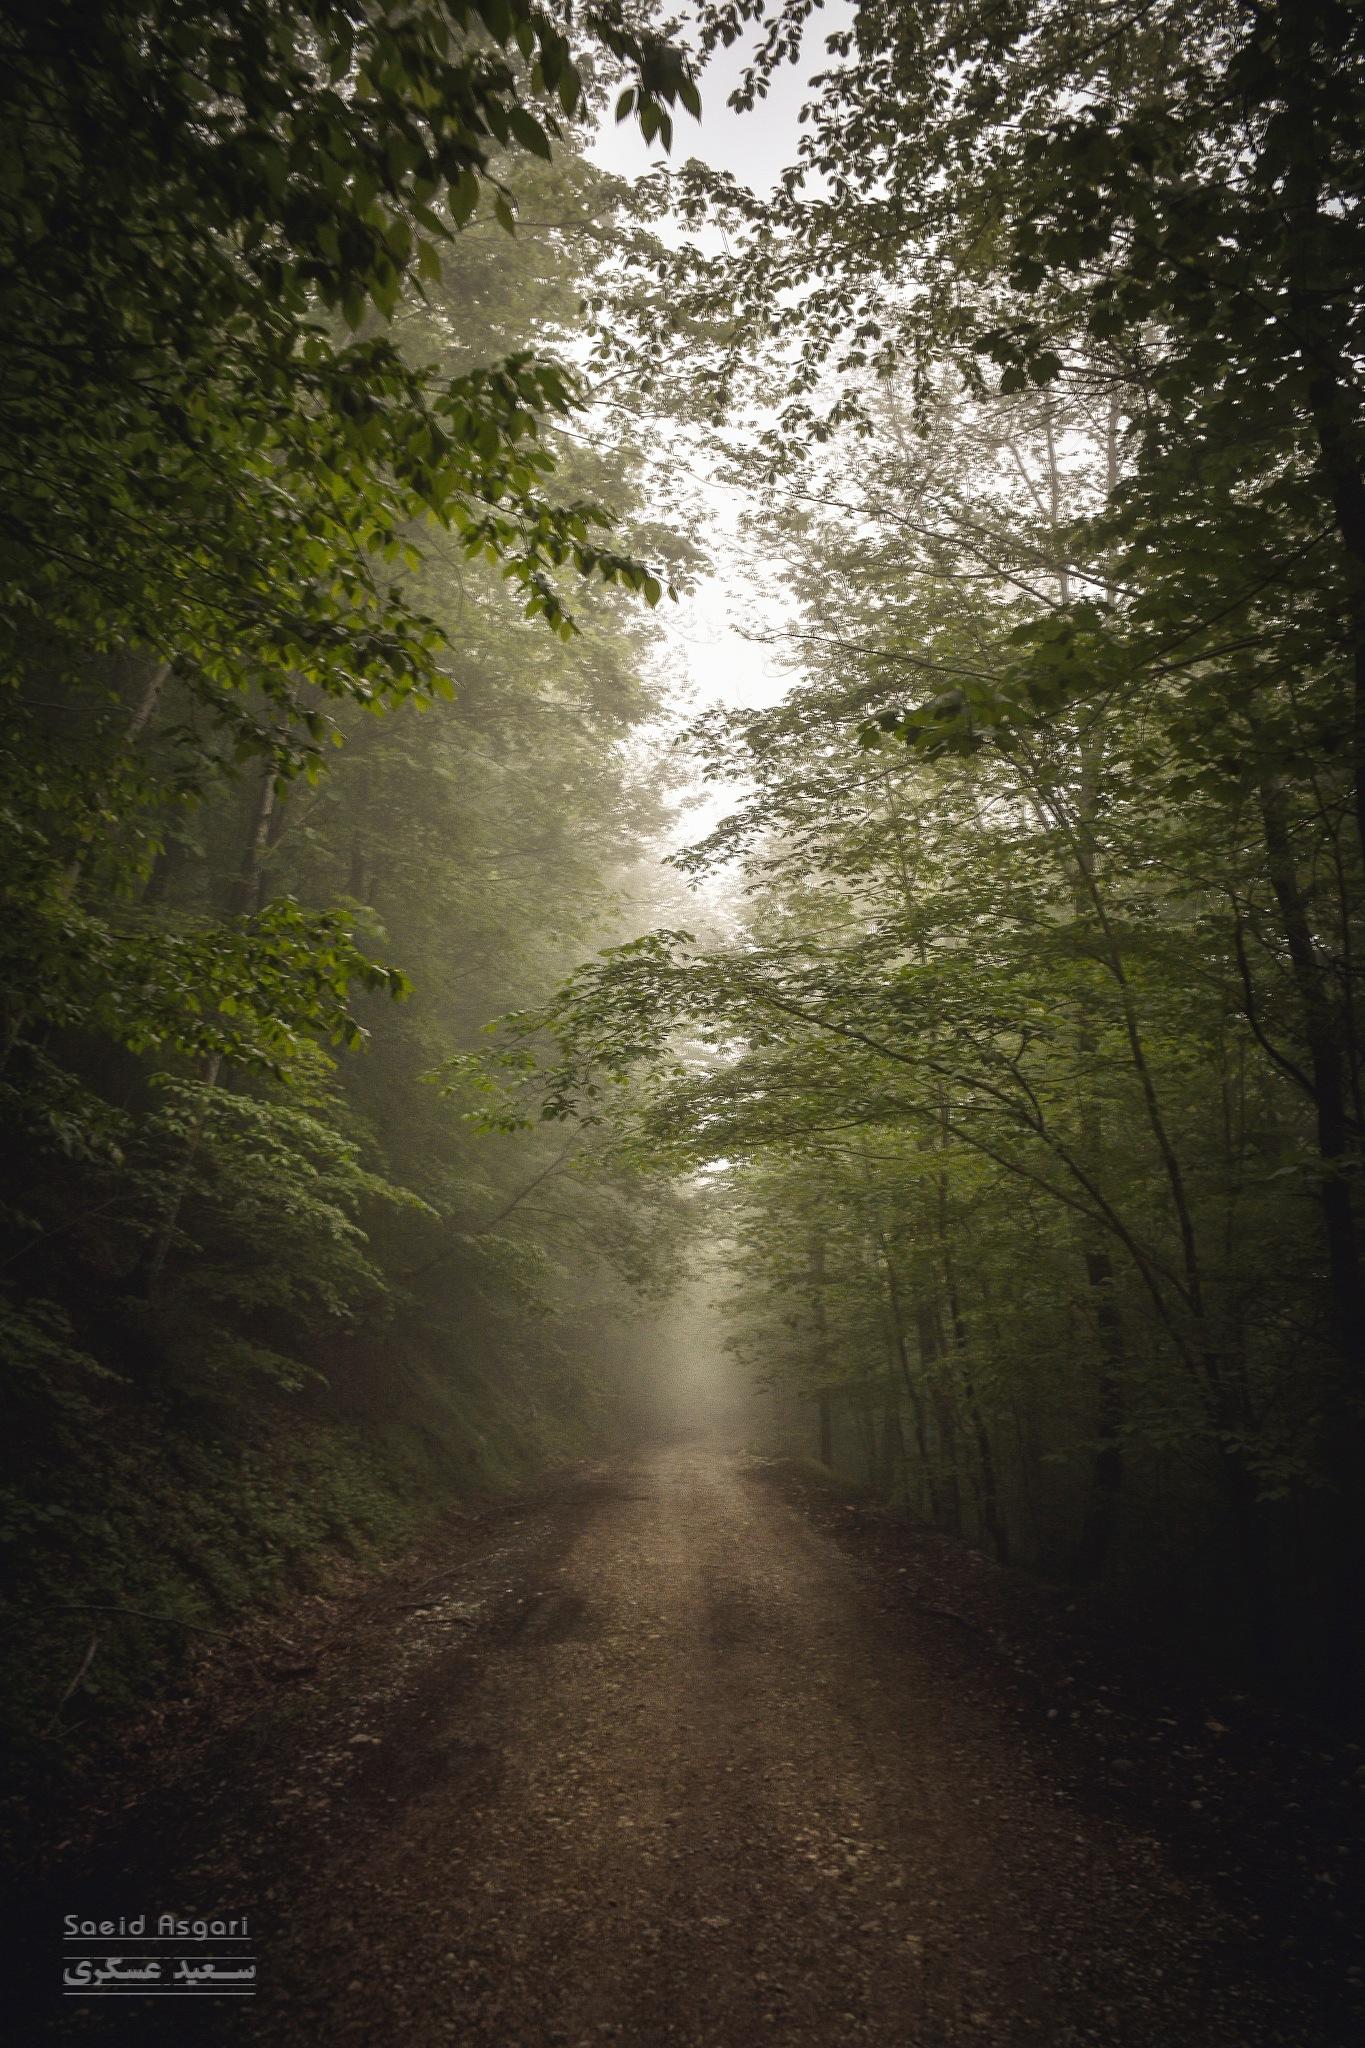 Dream Road... by Saeid_Asgari